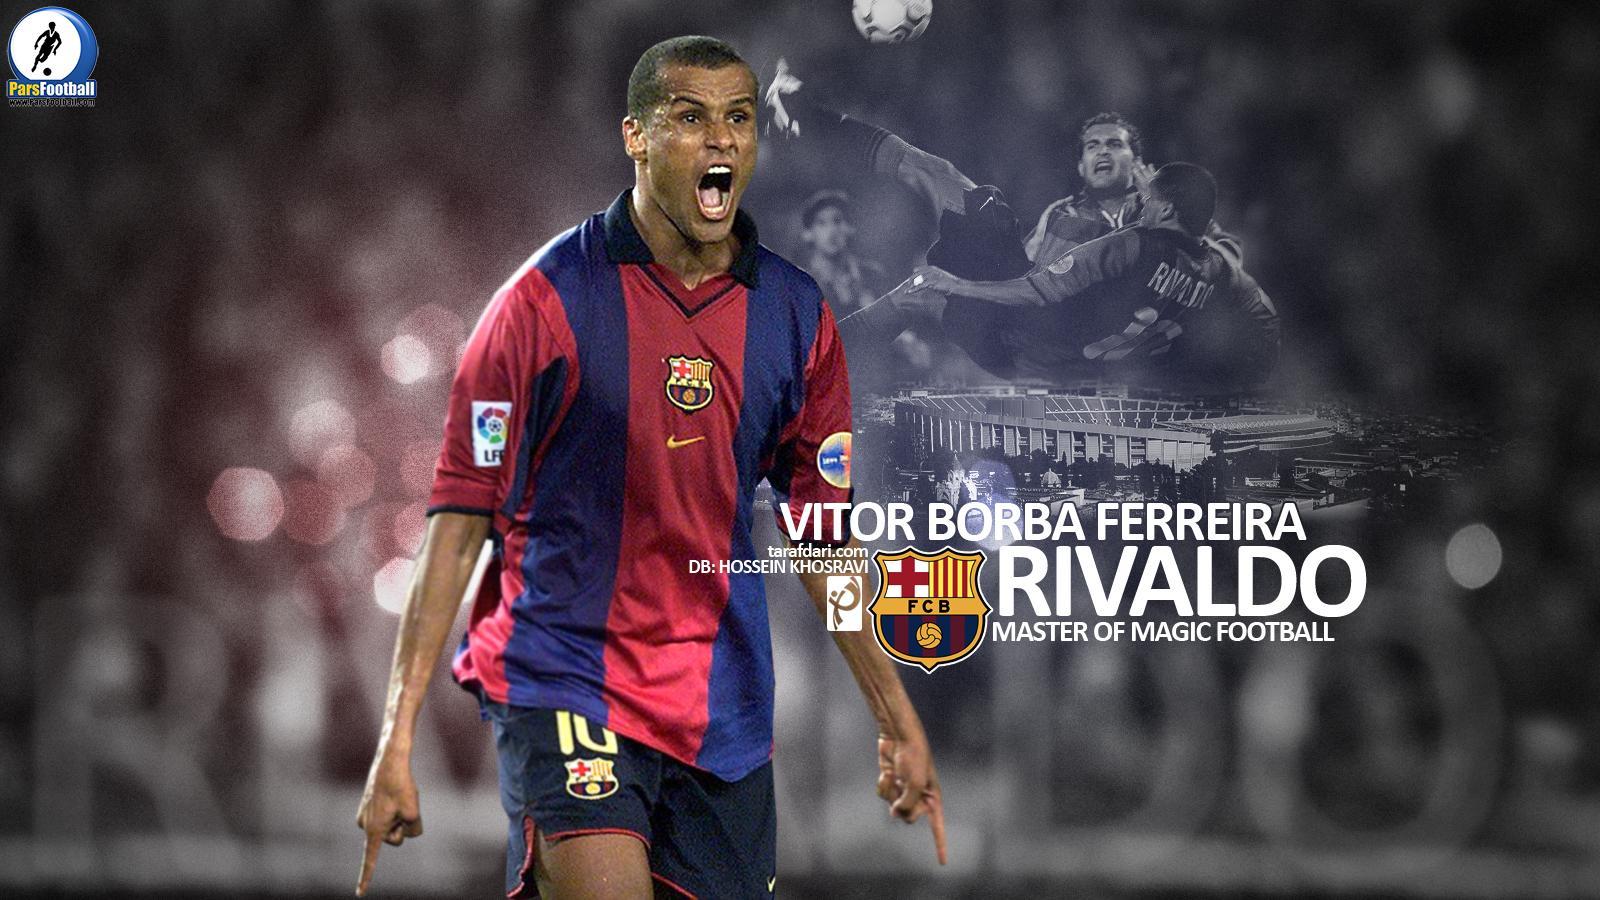 ریوالدو : پنج فصل رویایی را در بارسلونا سپری کردم ؛ پارس فوتبال